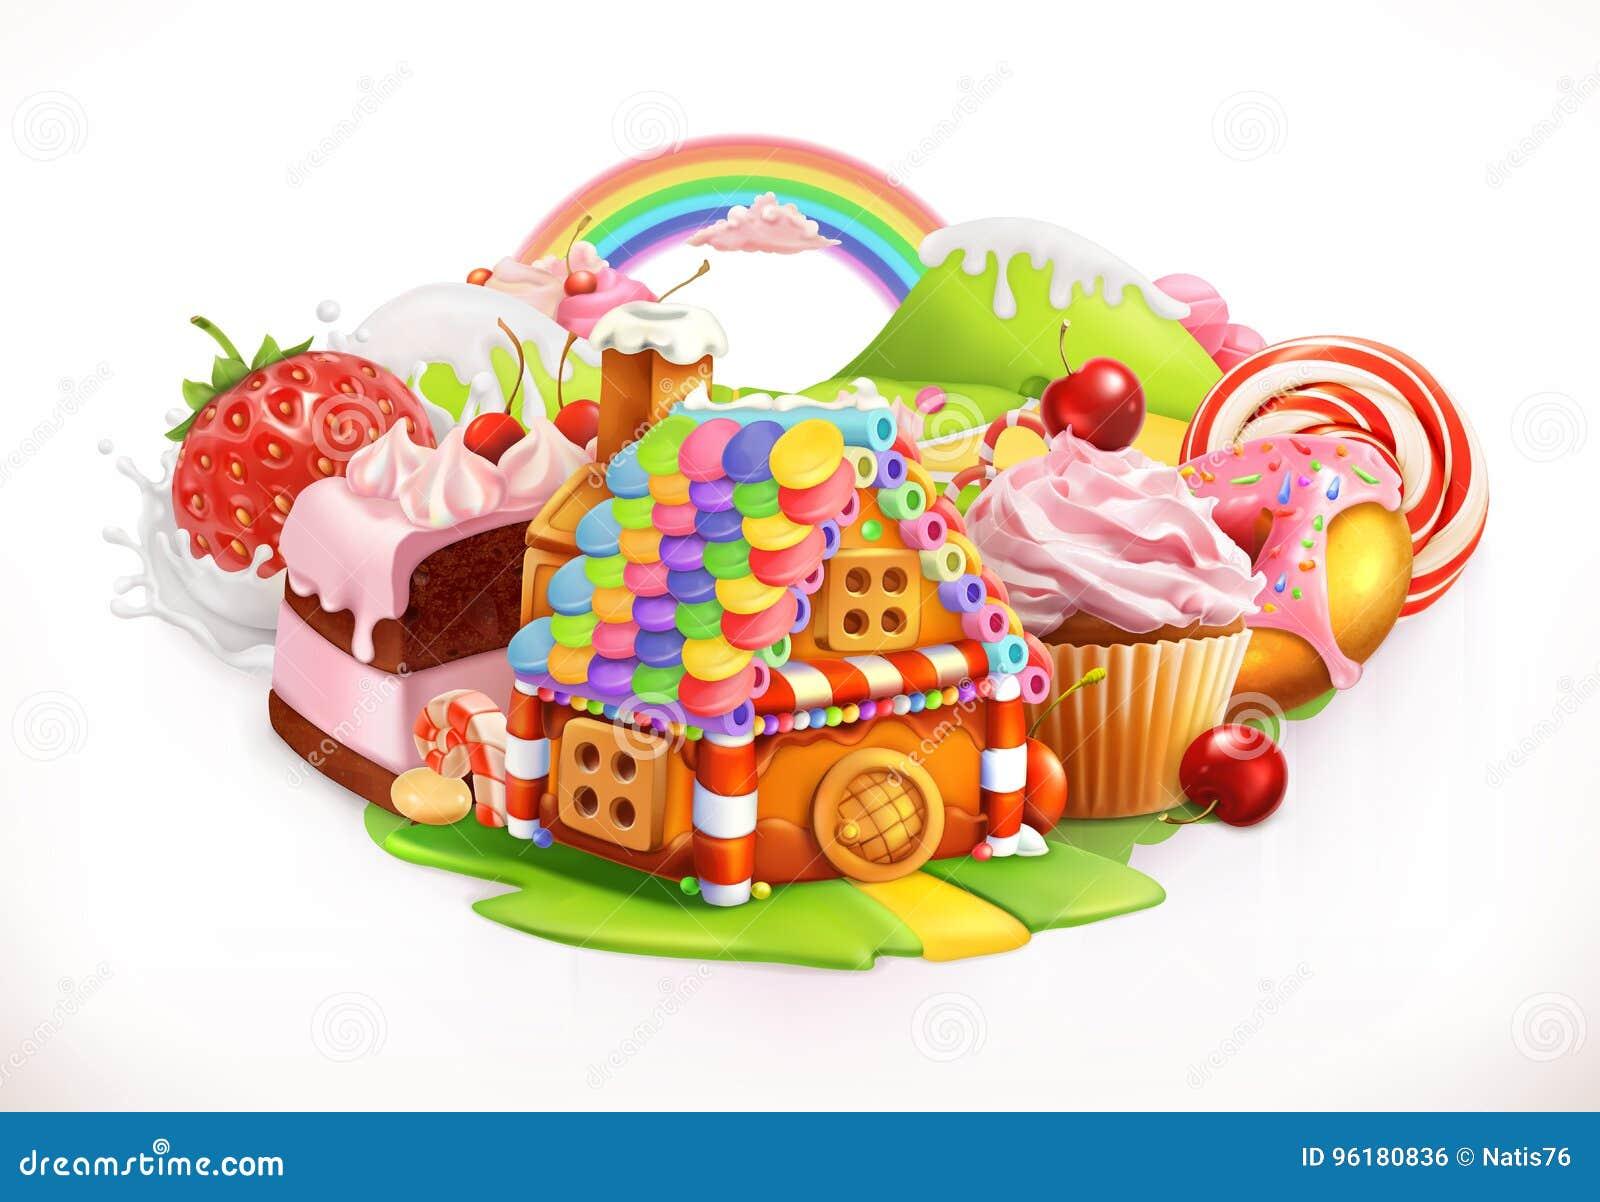 γλυκό σπιτιών Βιομηχανία ζαχαρωδών προϊόντων και επιδόρπια, διανυσματική απεικόνιση